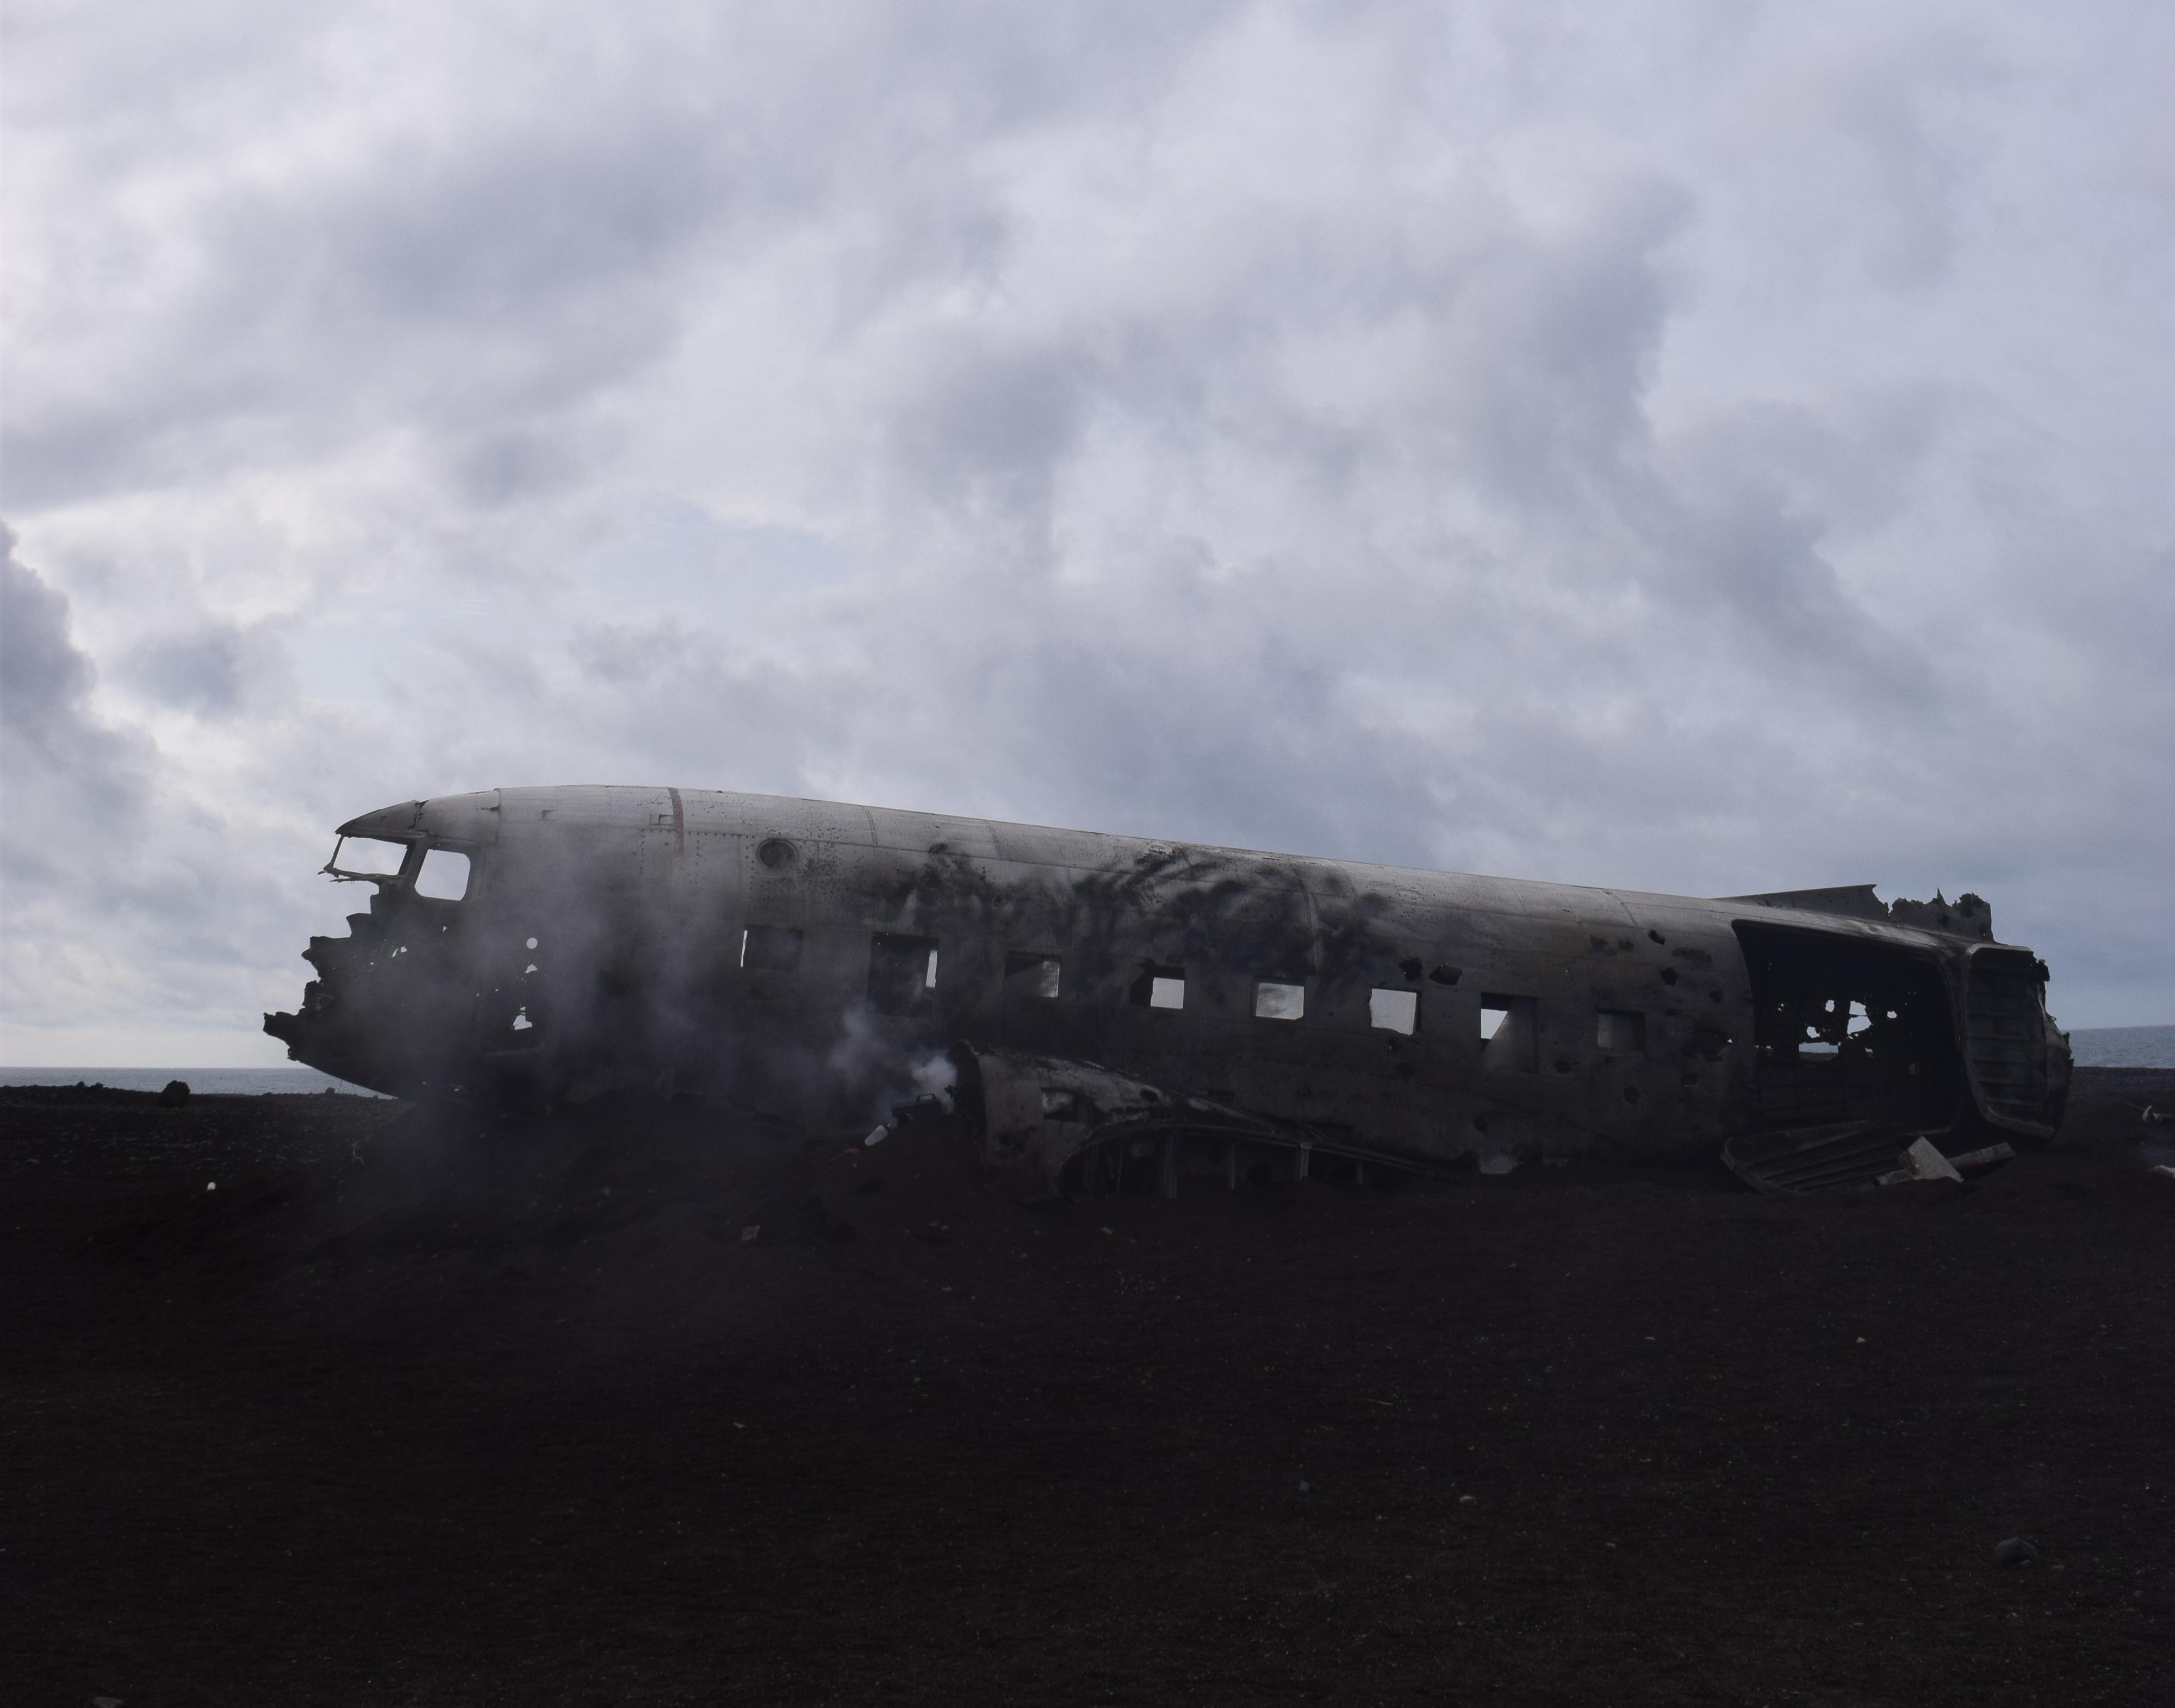 Sólheimasandur airplane wreckage in the black sand beaches in Iceland